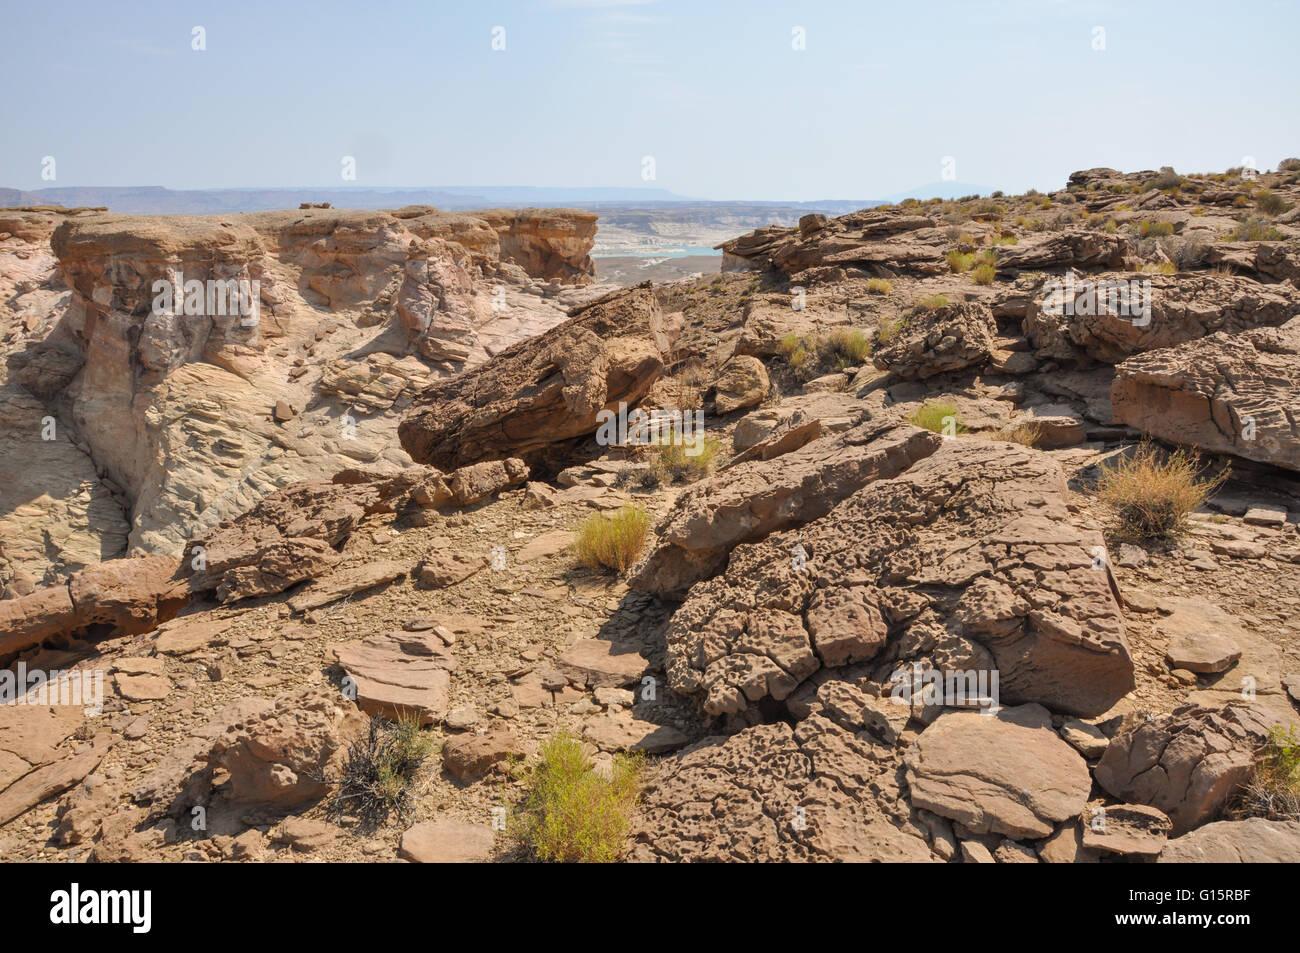 rocky Utah desert landscape with rocks - Stock Image